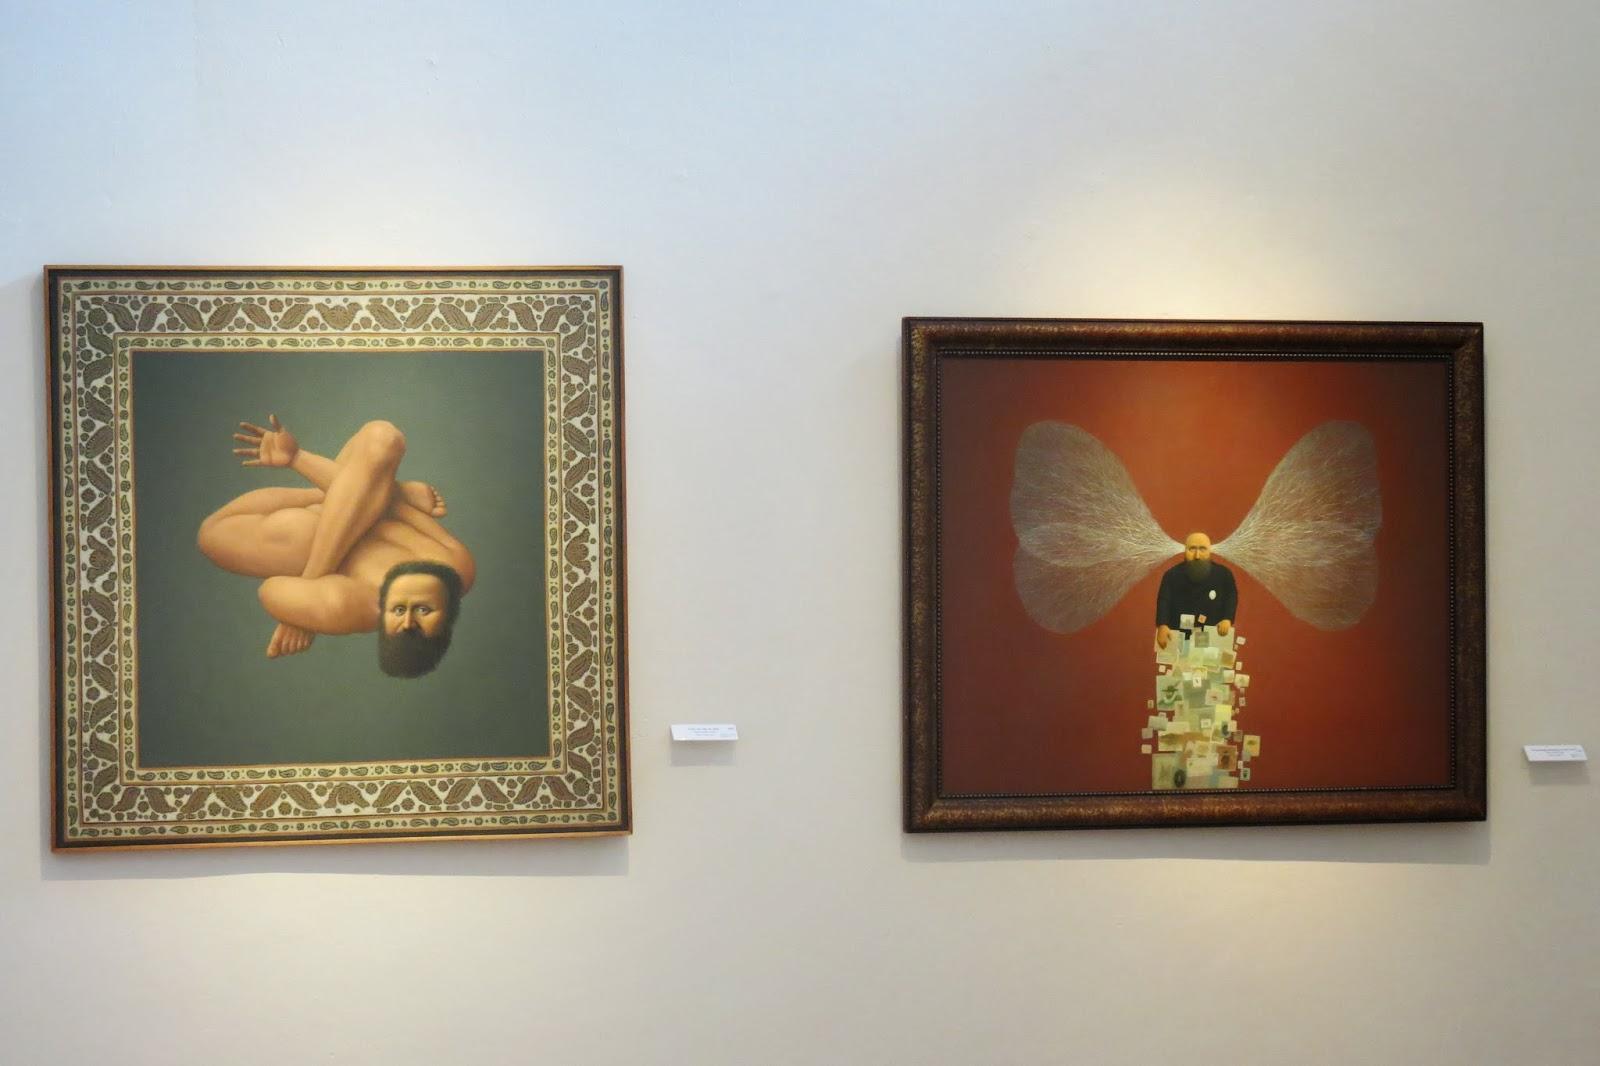 Pintura y escultura el surrealismo de alfredo casta eda - Donde estudiar pintura ...